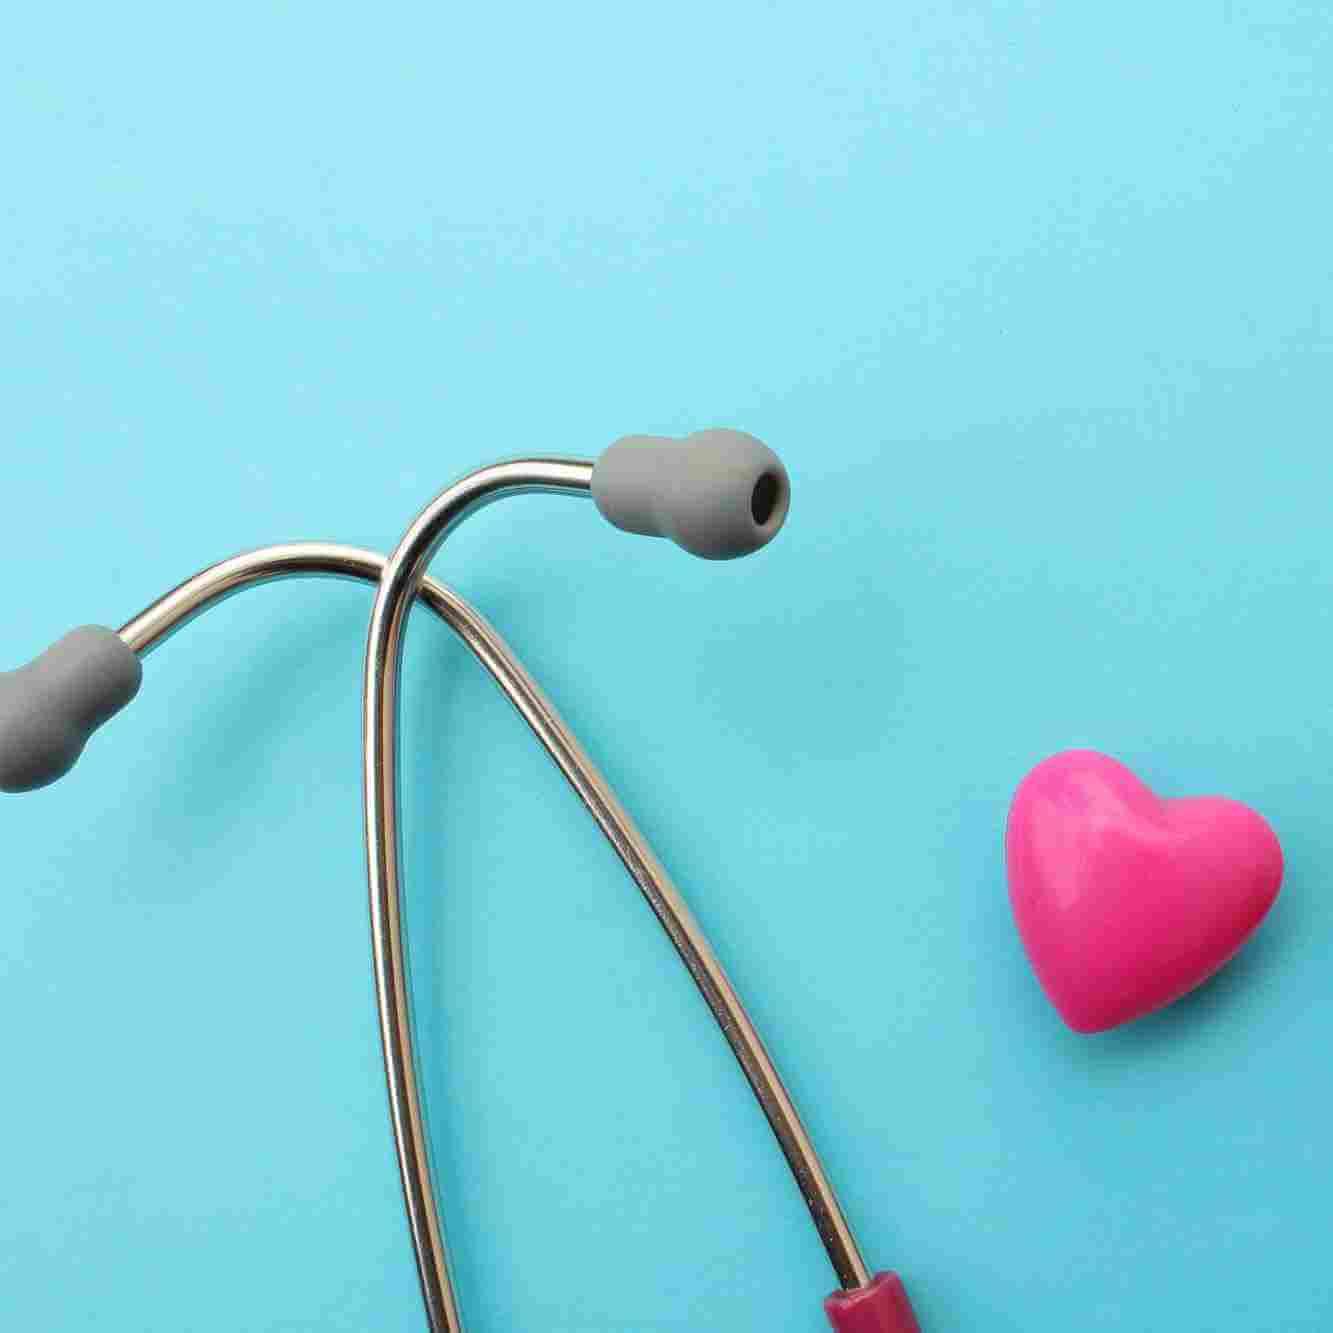 srce-i-stetoskop.jpg